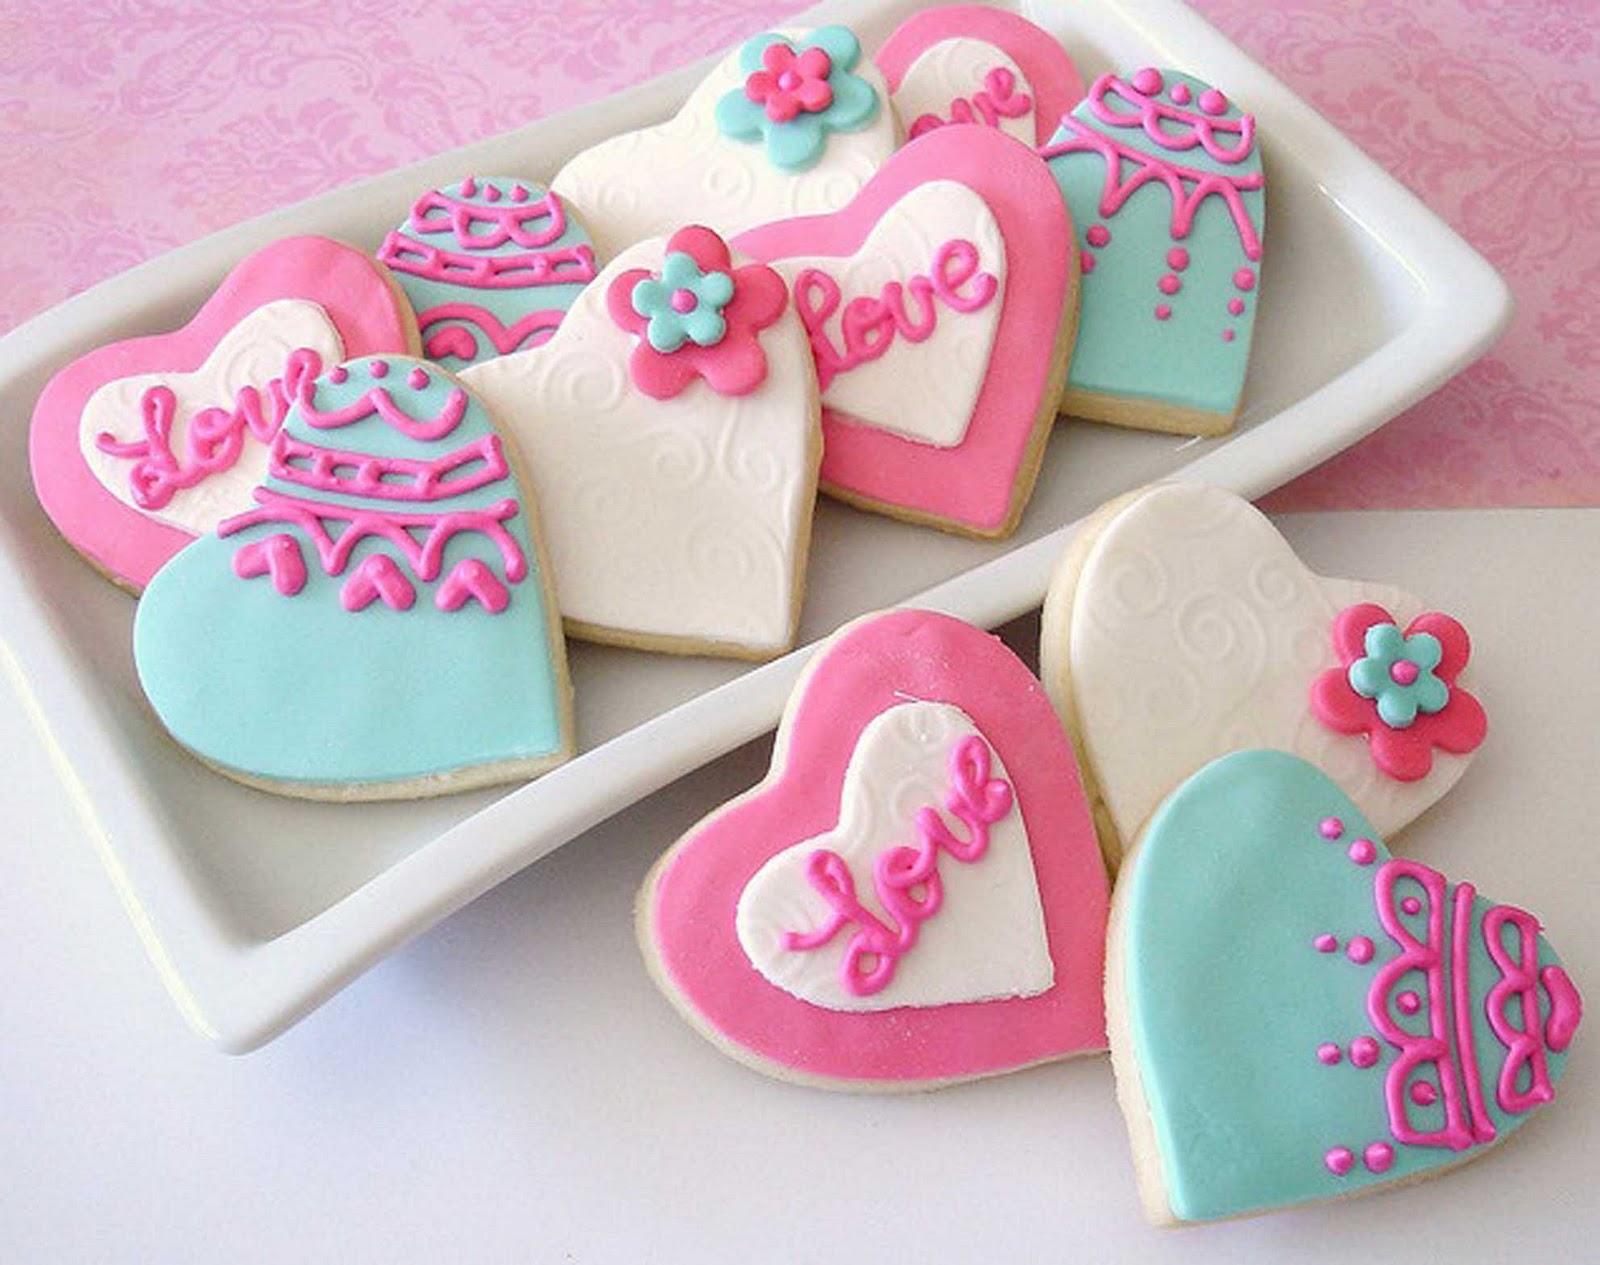 Sevgililer Günü Tatlısı Görselleri 1